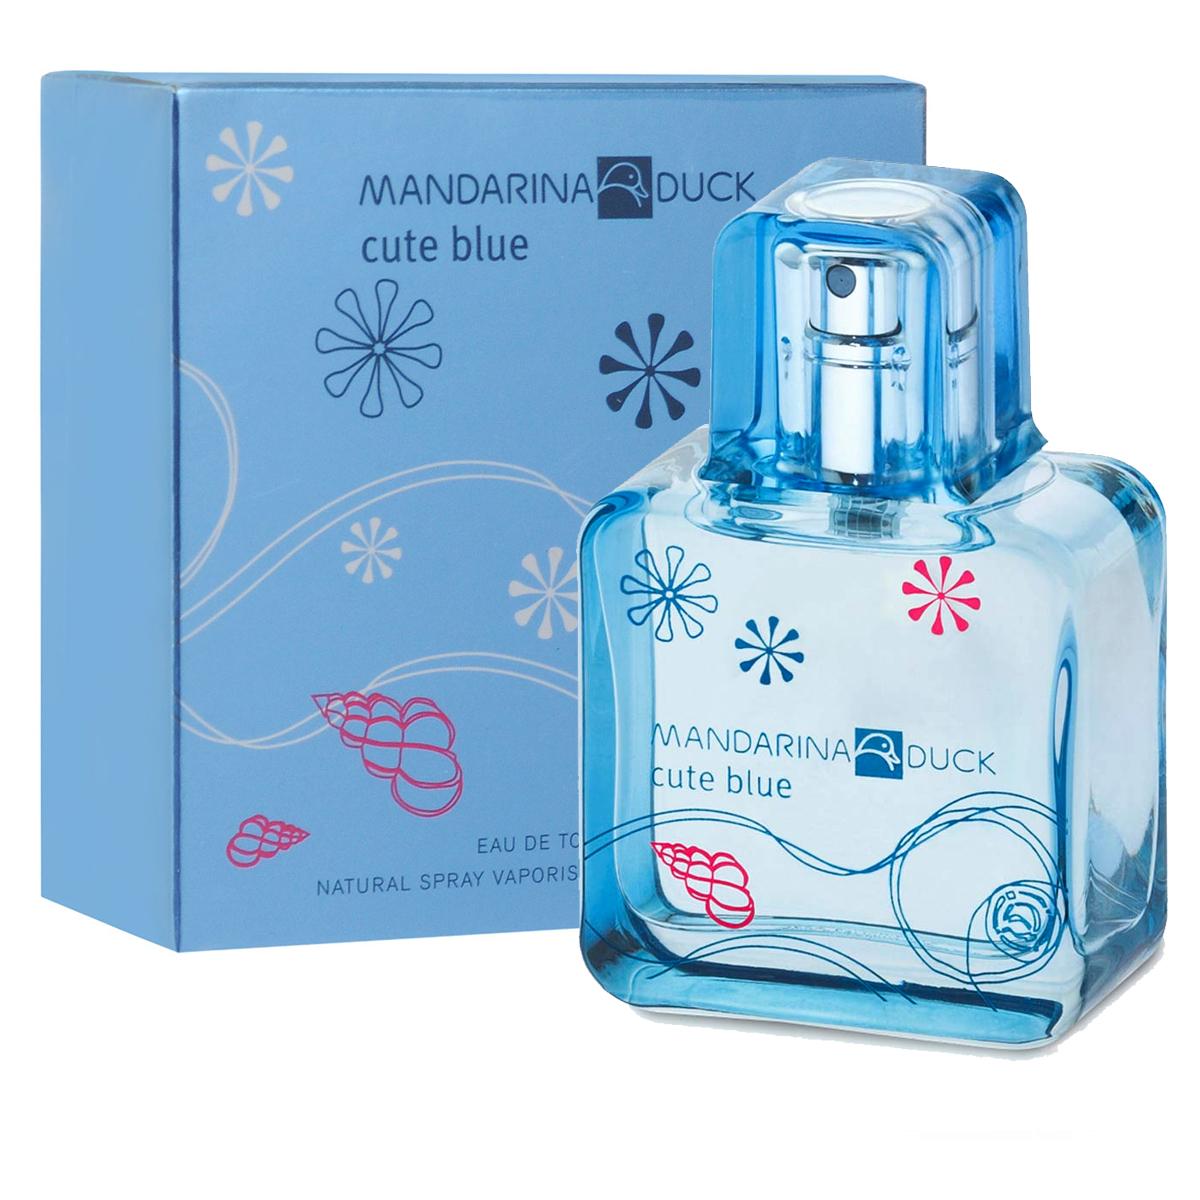 Mandarina Duck Туалетная вода Cute Blue, женская, 30 мл47102Туалетная вода Cute Blue от Mandarina Duck - свежий водный и цветочно-фруктовый аромат для тех, кто любит природу и открытое пространство. Древесная теплота базовых нот гармонизирует это парфюмерное творение. Освежающий аромат тысячи лепестков, парящих в воздухе…Аромат счастья, витающего в светлом голубом небе. Лотос, магнолия и цветы грейпфрута соединяются с игривым имбирем и нотами росы. Вуаль белого мускуса, серой амбры и кедра наполняет аромат нежным сексуальным шлейфом… Классификация аромата : свежий, цветочно-фруктовый. Пирамида аромата : Верхние ноты: цветы грейпфрута, бергамот, голубой лотос. Ноты сердца: свежий имбирь, магнолия, воздушная дымка. Ноты шлейфа: масло техасского кедра, серая амбра, белый мускус. Ключевые слова Легкий, свежий, сексуальный! Туалетная вода - один из самых популярных видов парфюмерной продукции. Туалетная...